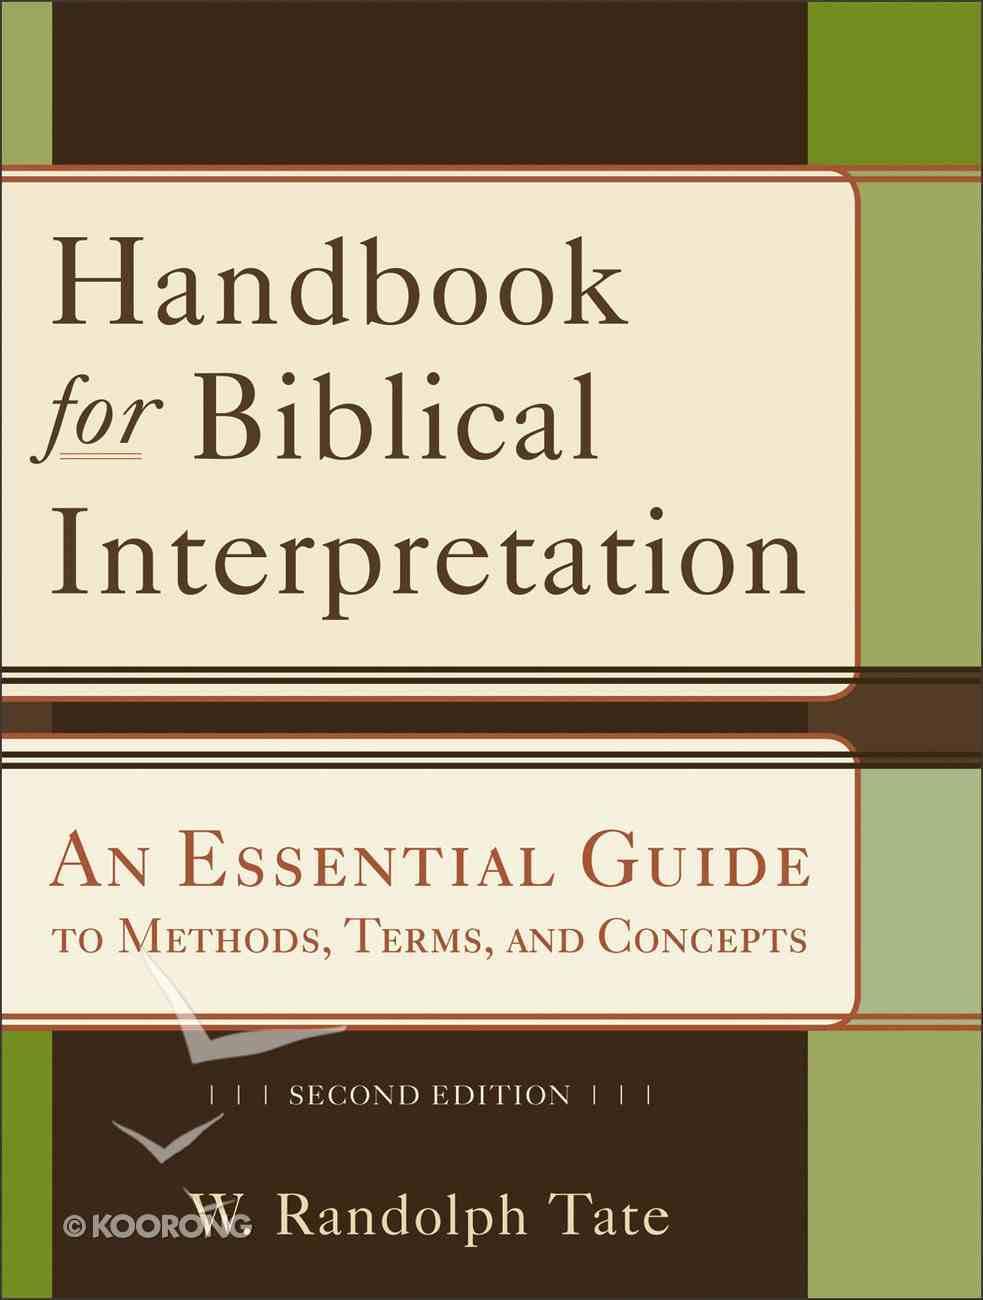 Handbook For Biblical Interpretation (Second Edition) eBook